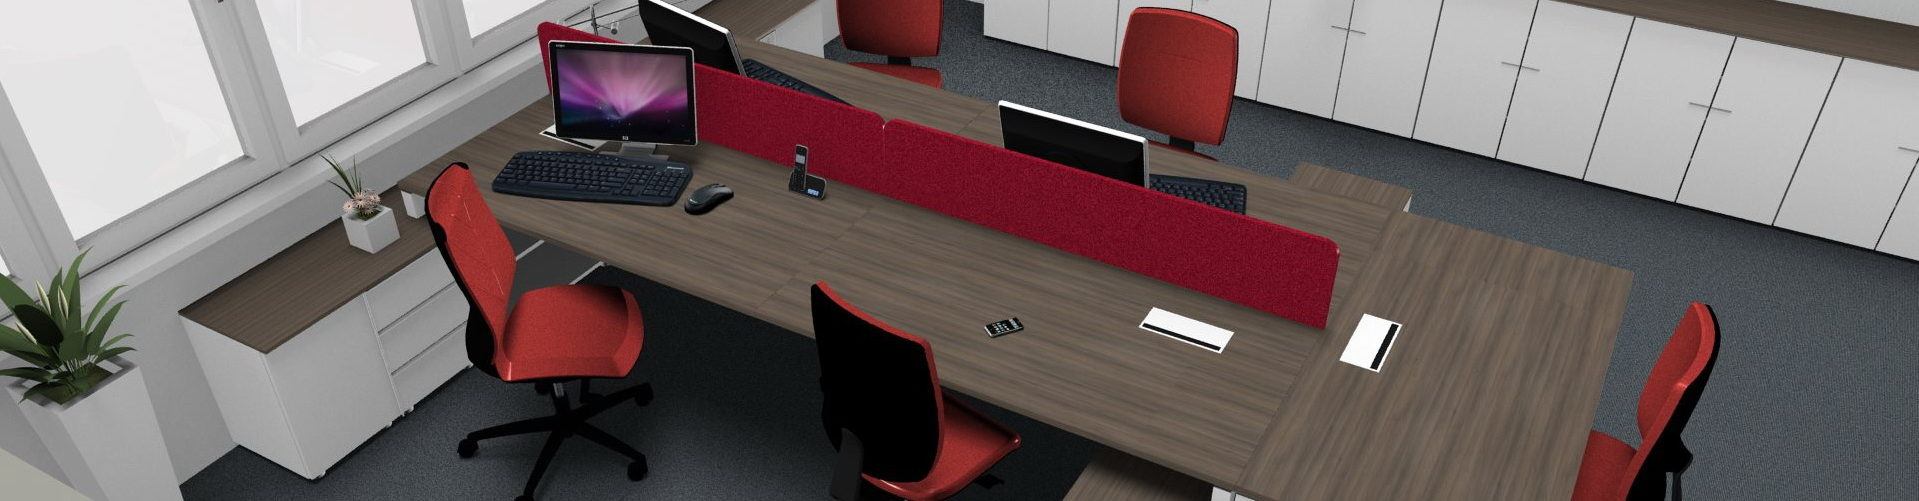 Kancelářské pracoviště 5 míst, kombinace ořech-bílá